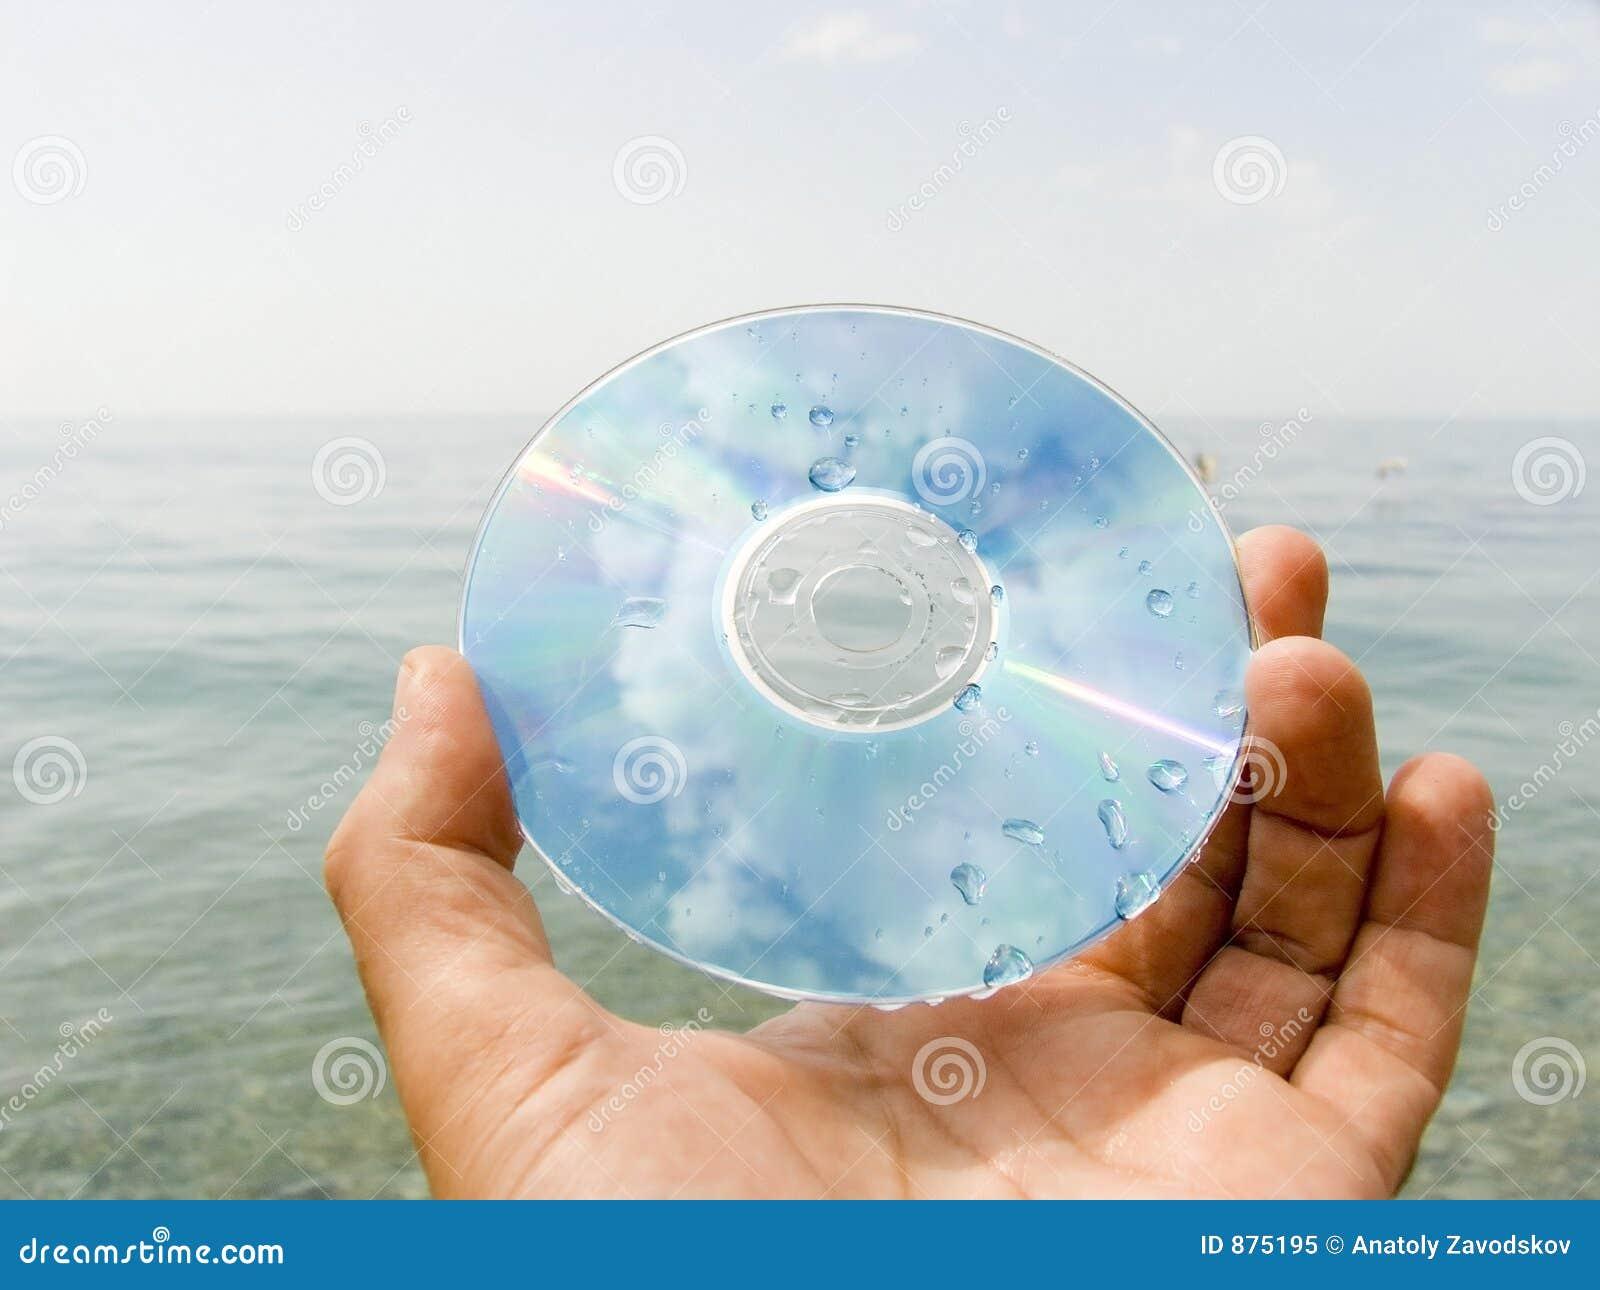 Morze wyobraźni